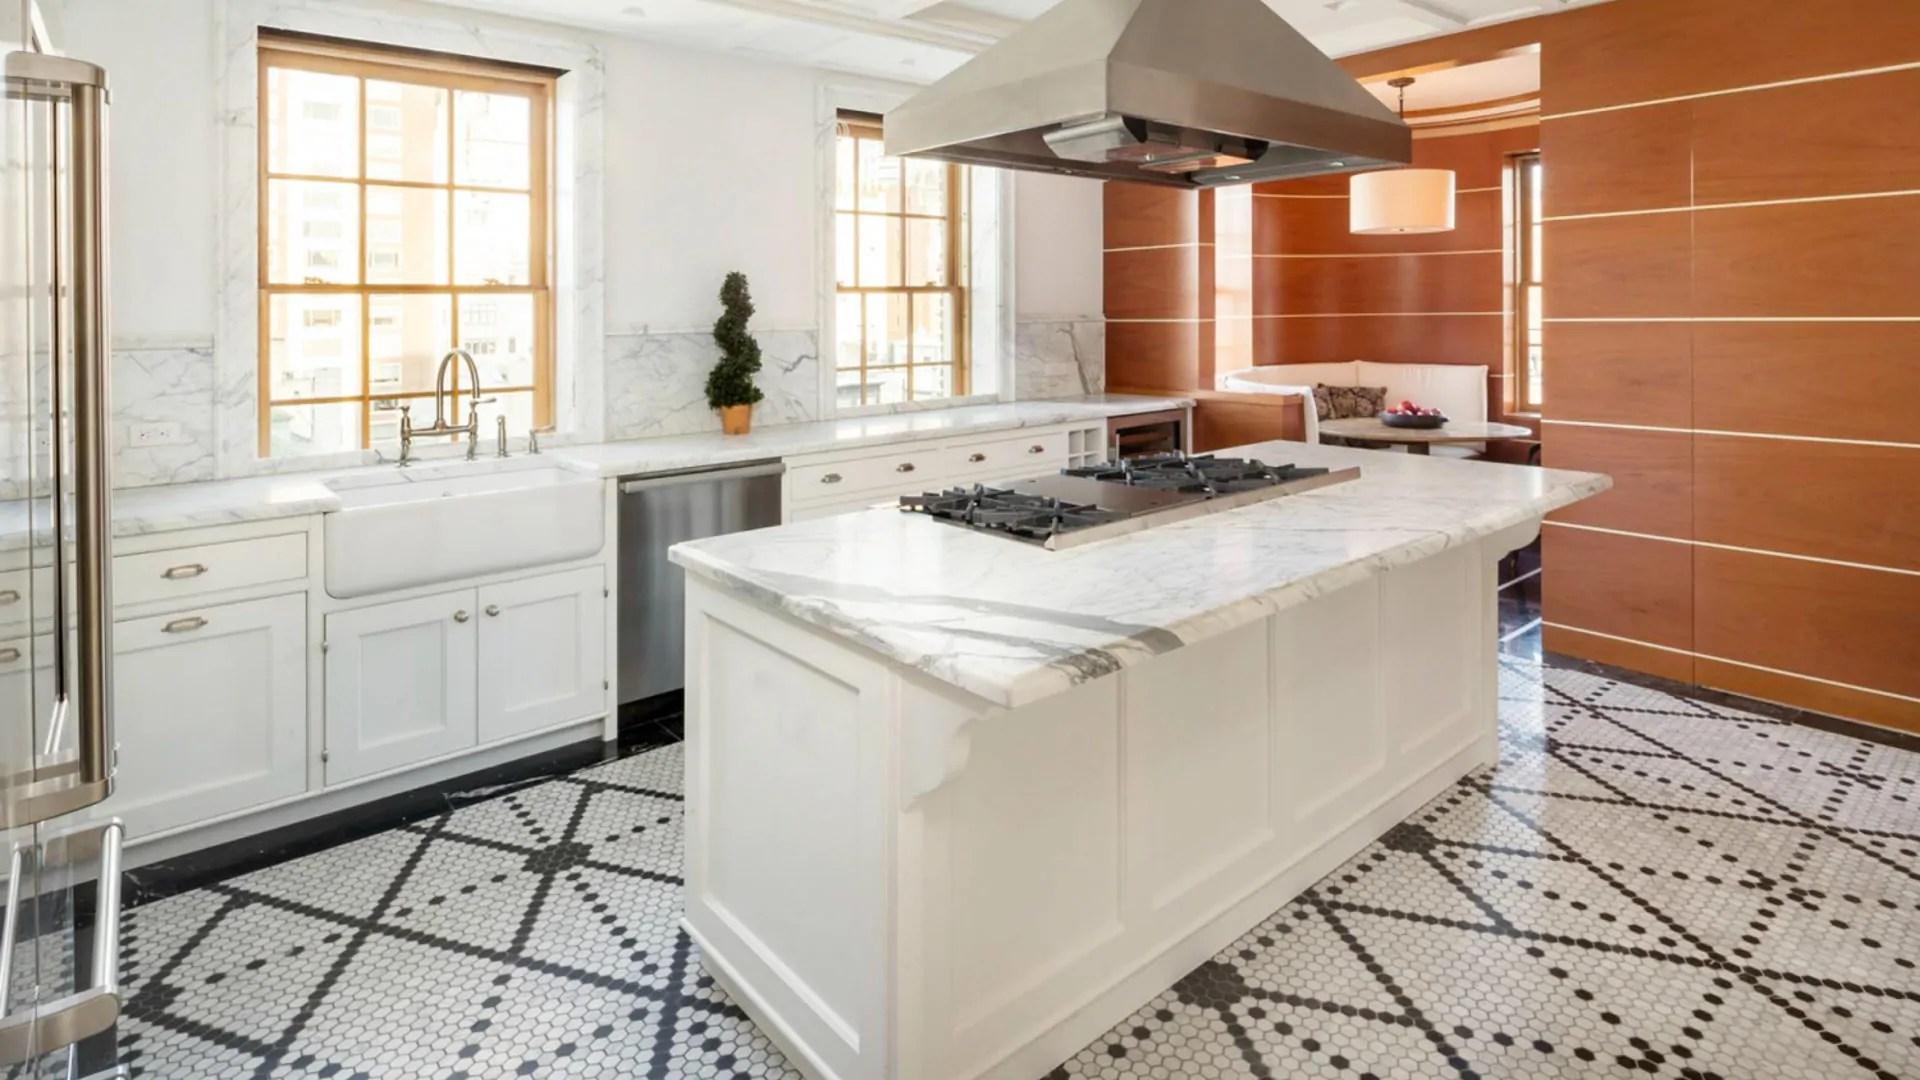 Rivestimento Per Cucina Mosaico: Piastrelle a mosaico per cucina ...